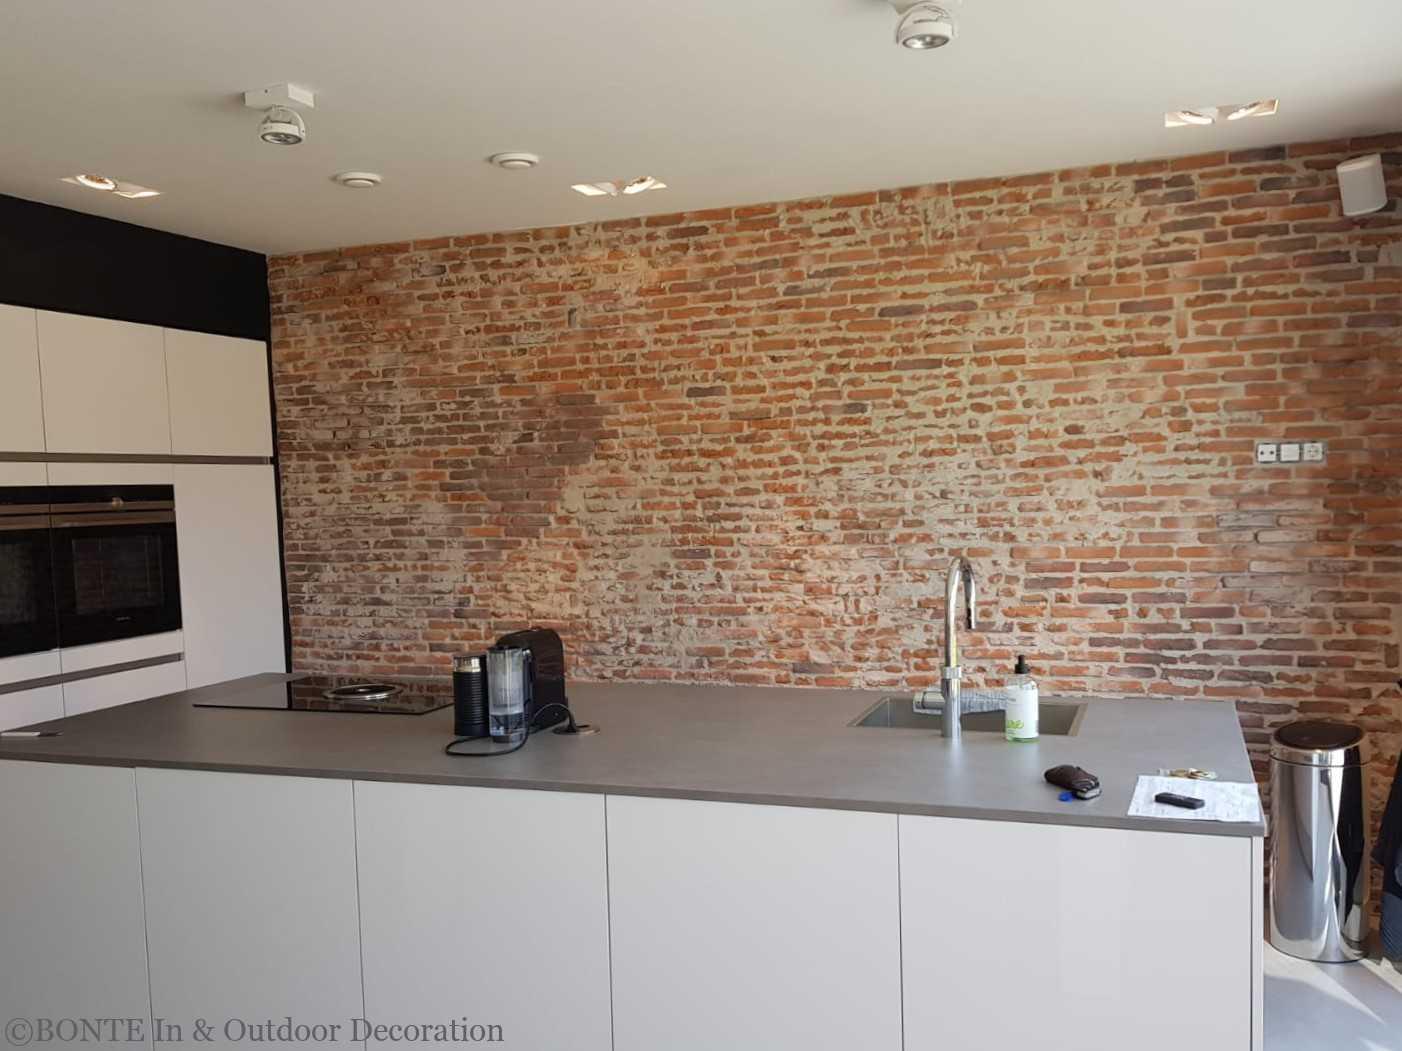 BONTE Antieke IJsselsteen Keuken Particulier